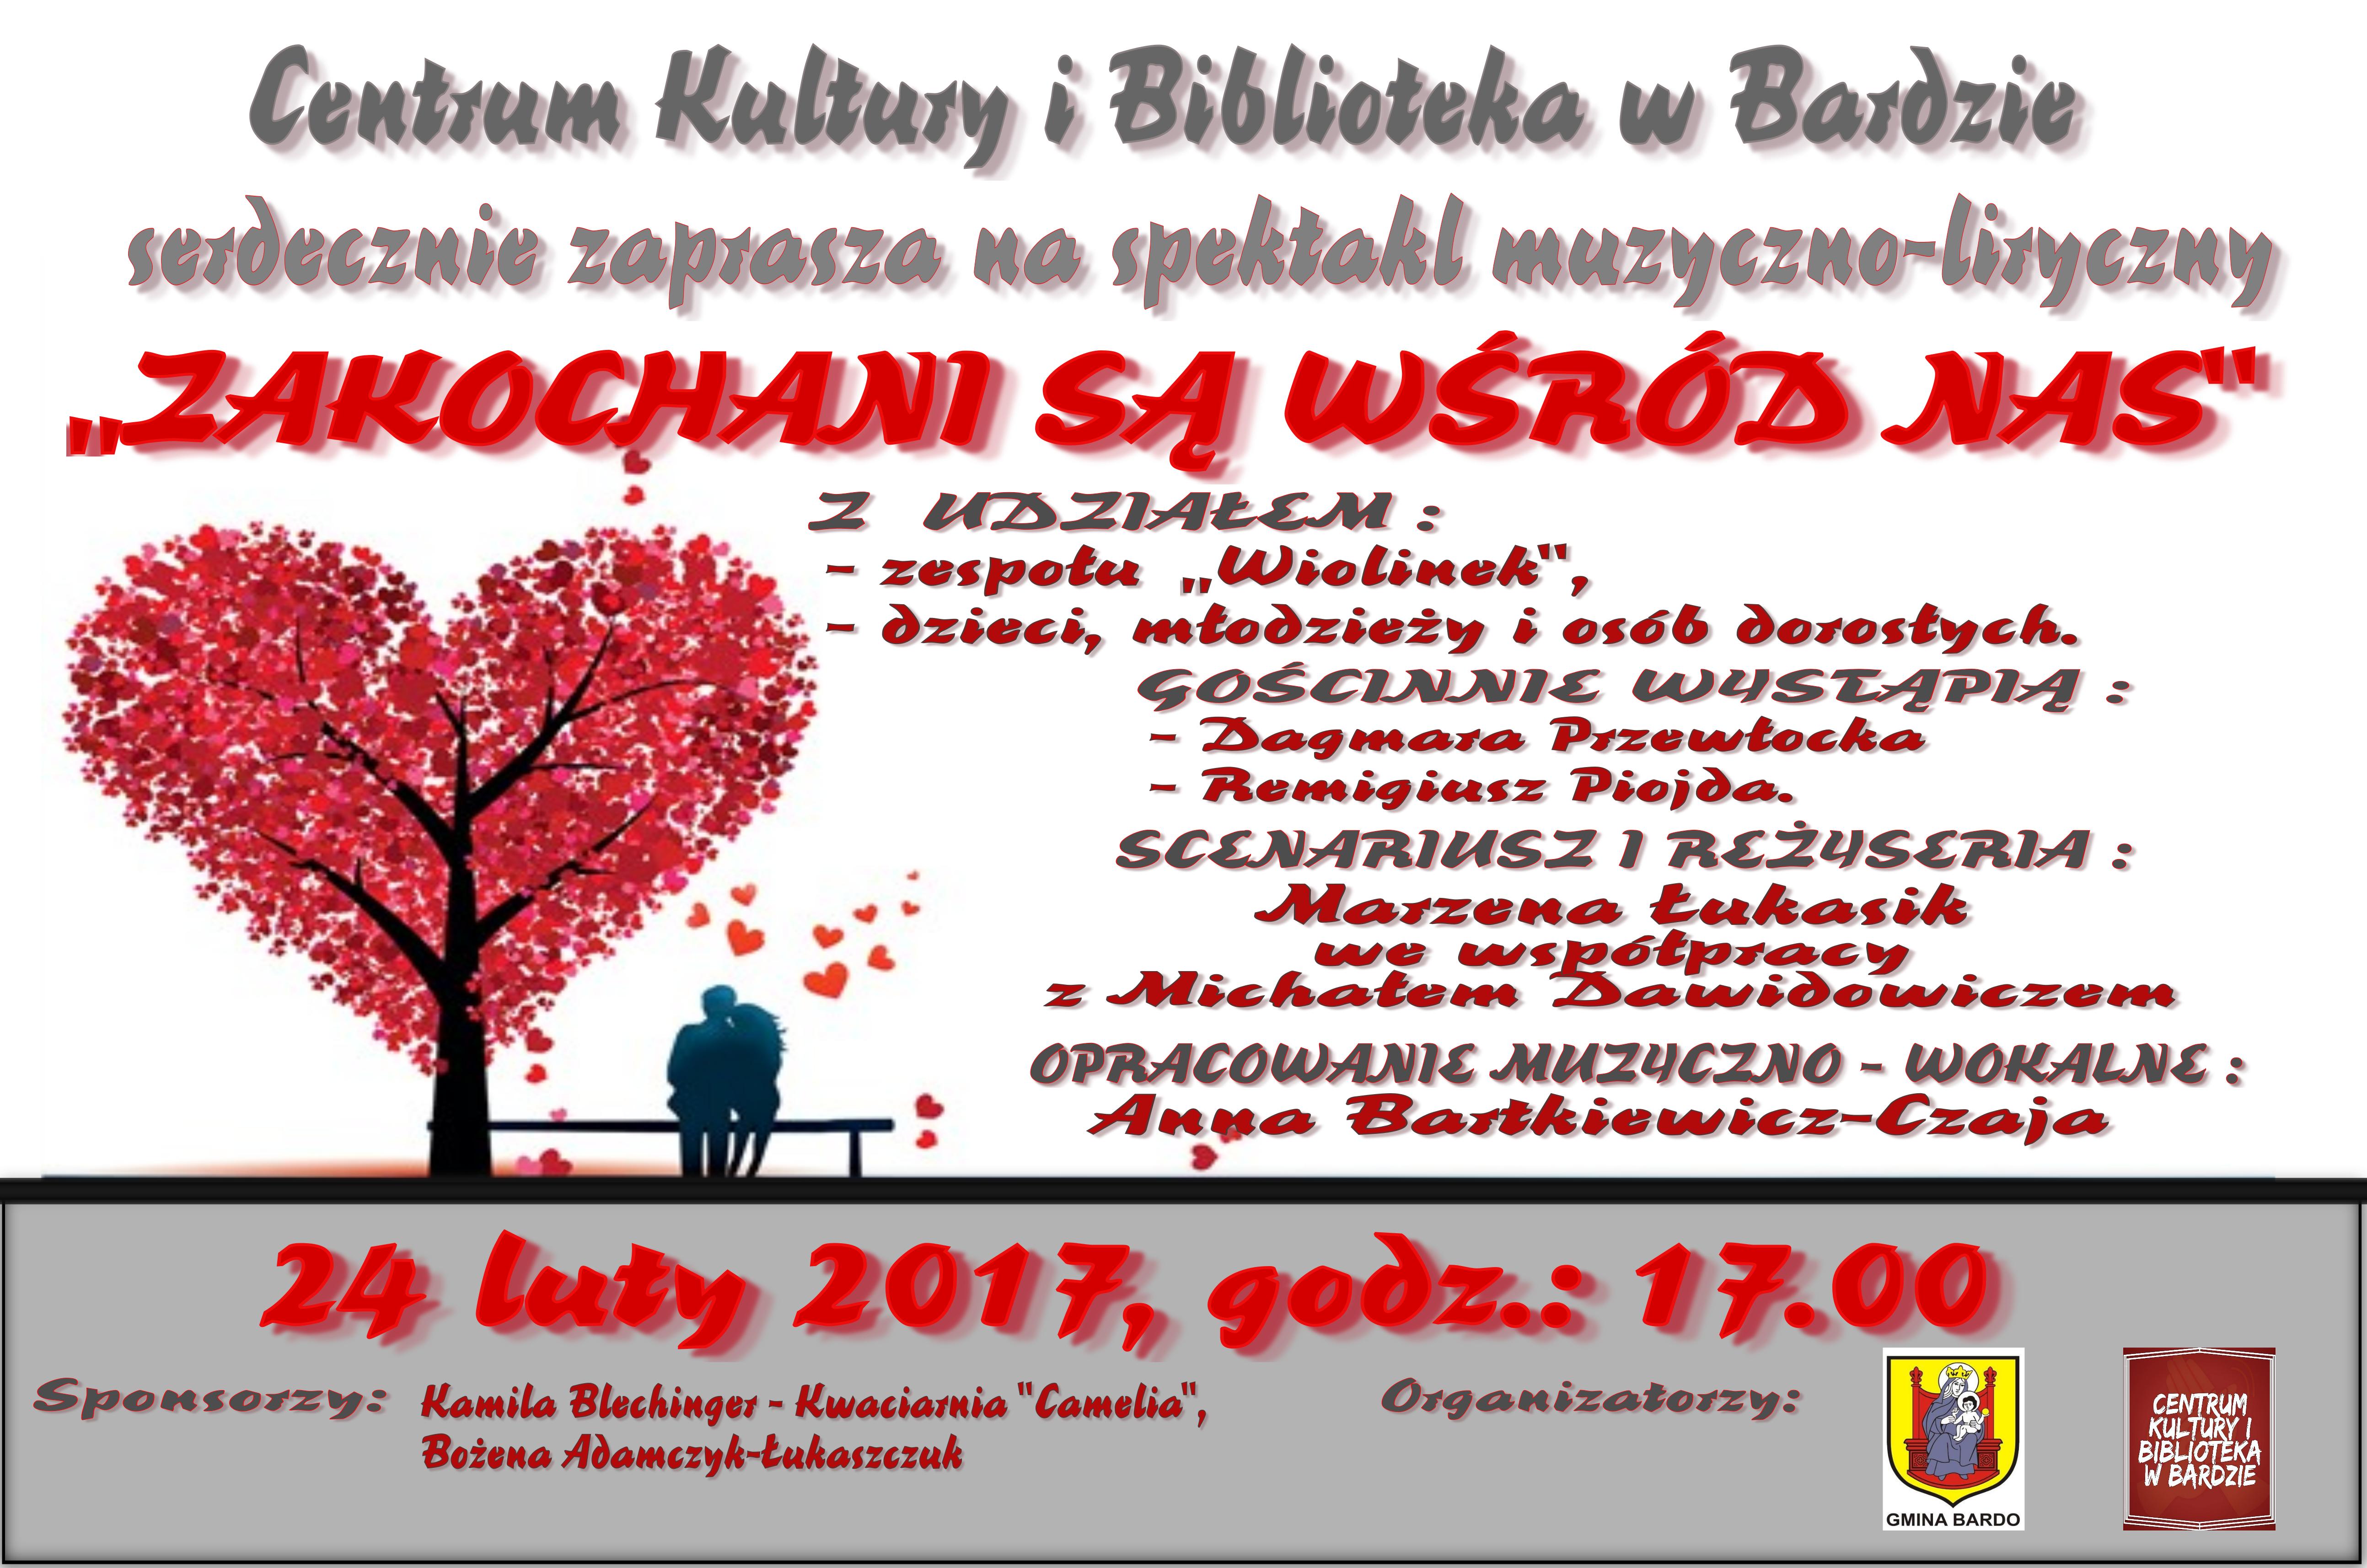 Plakat Walentynki w Bardzie